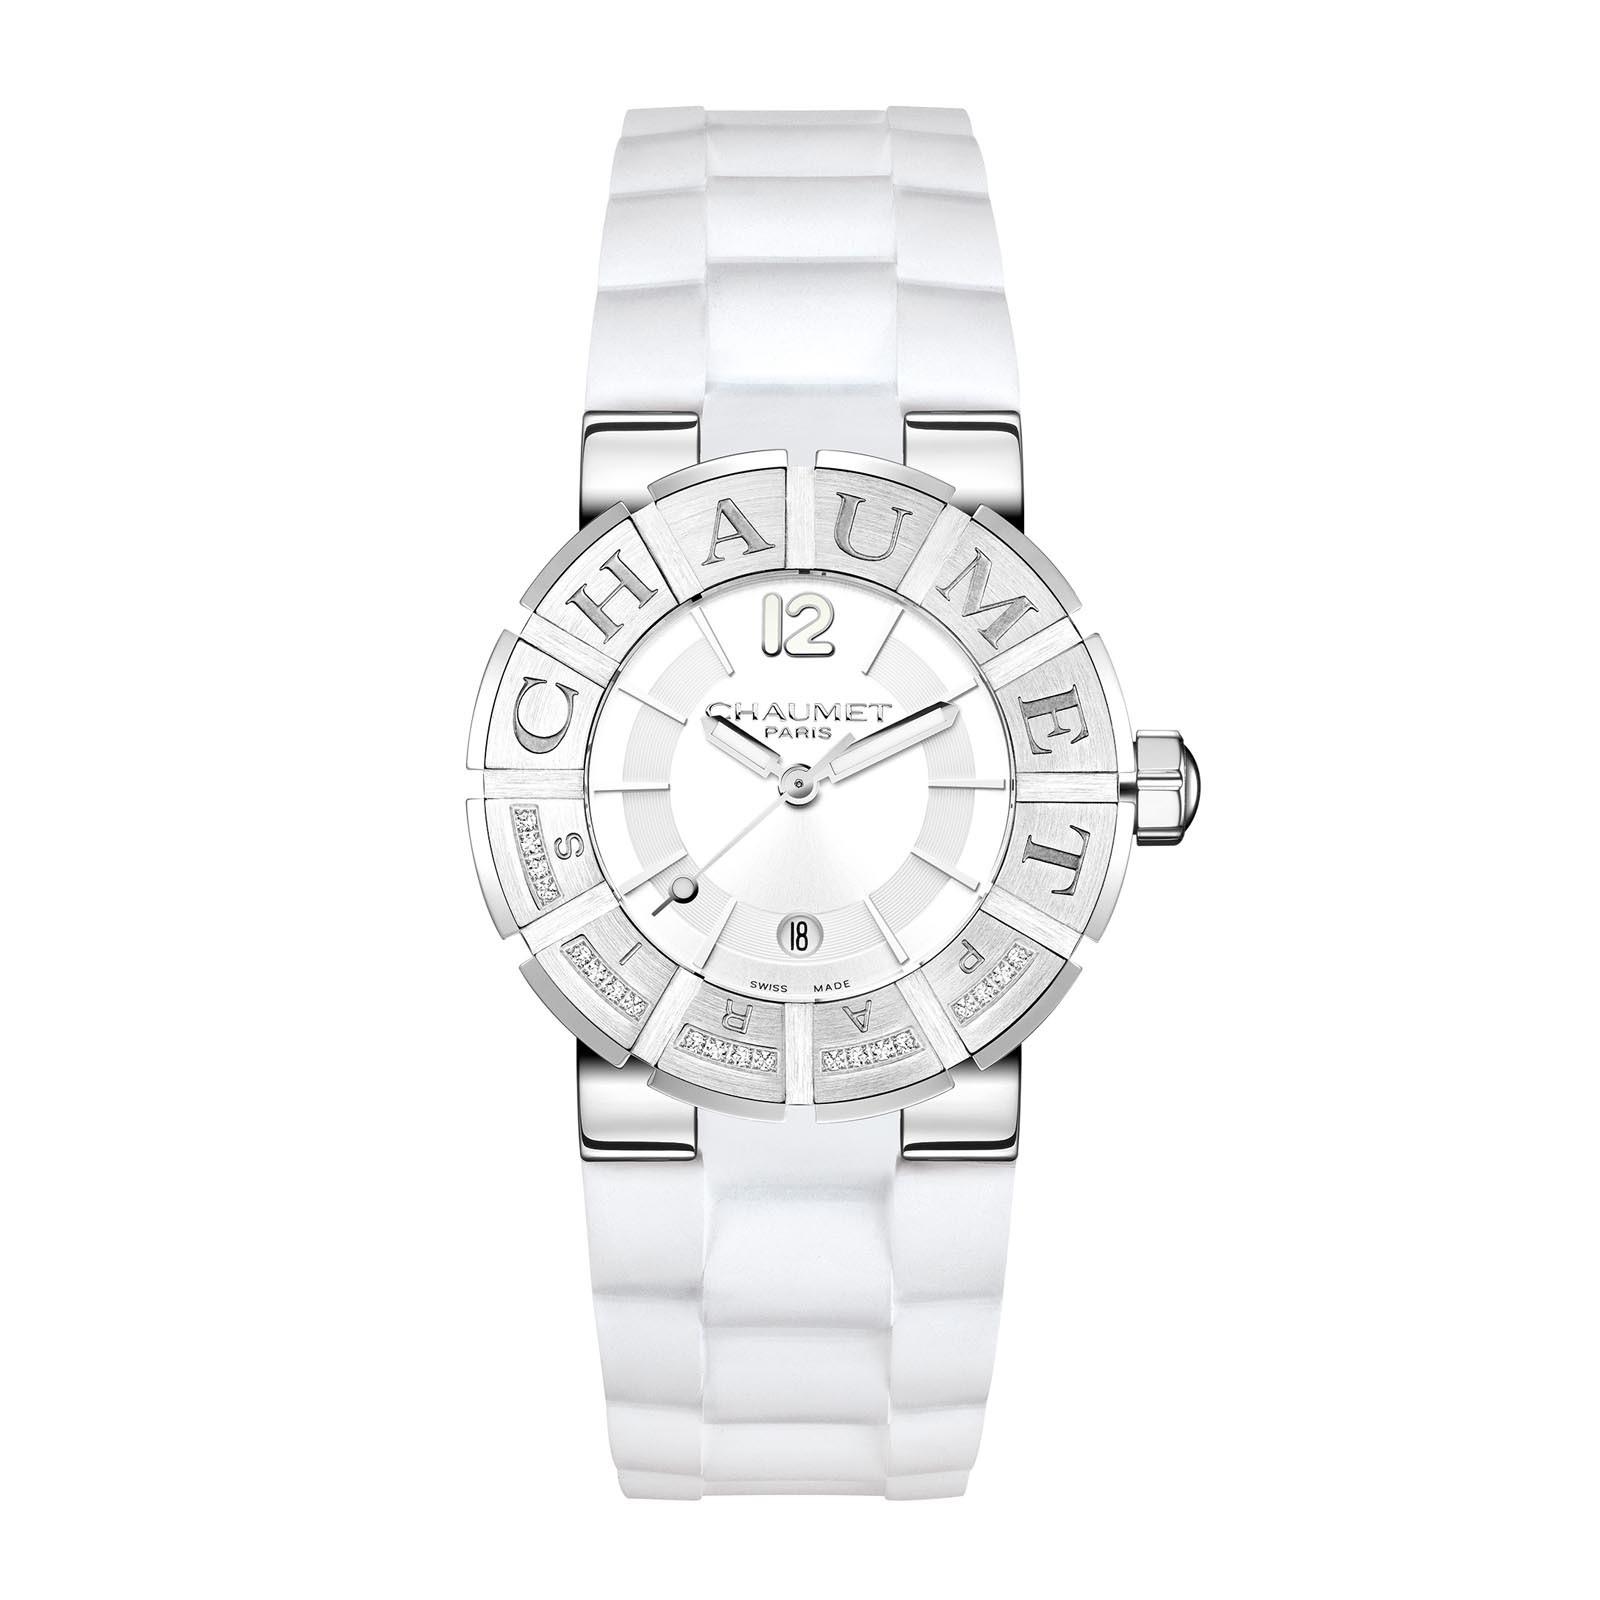 Montre Chaumet Class One bracelet caoutchouc blanc